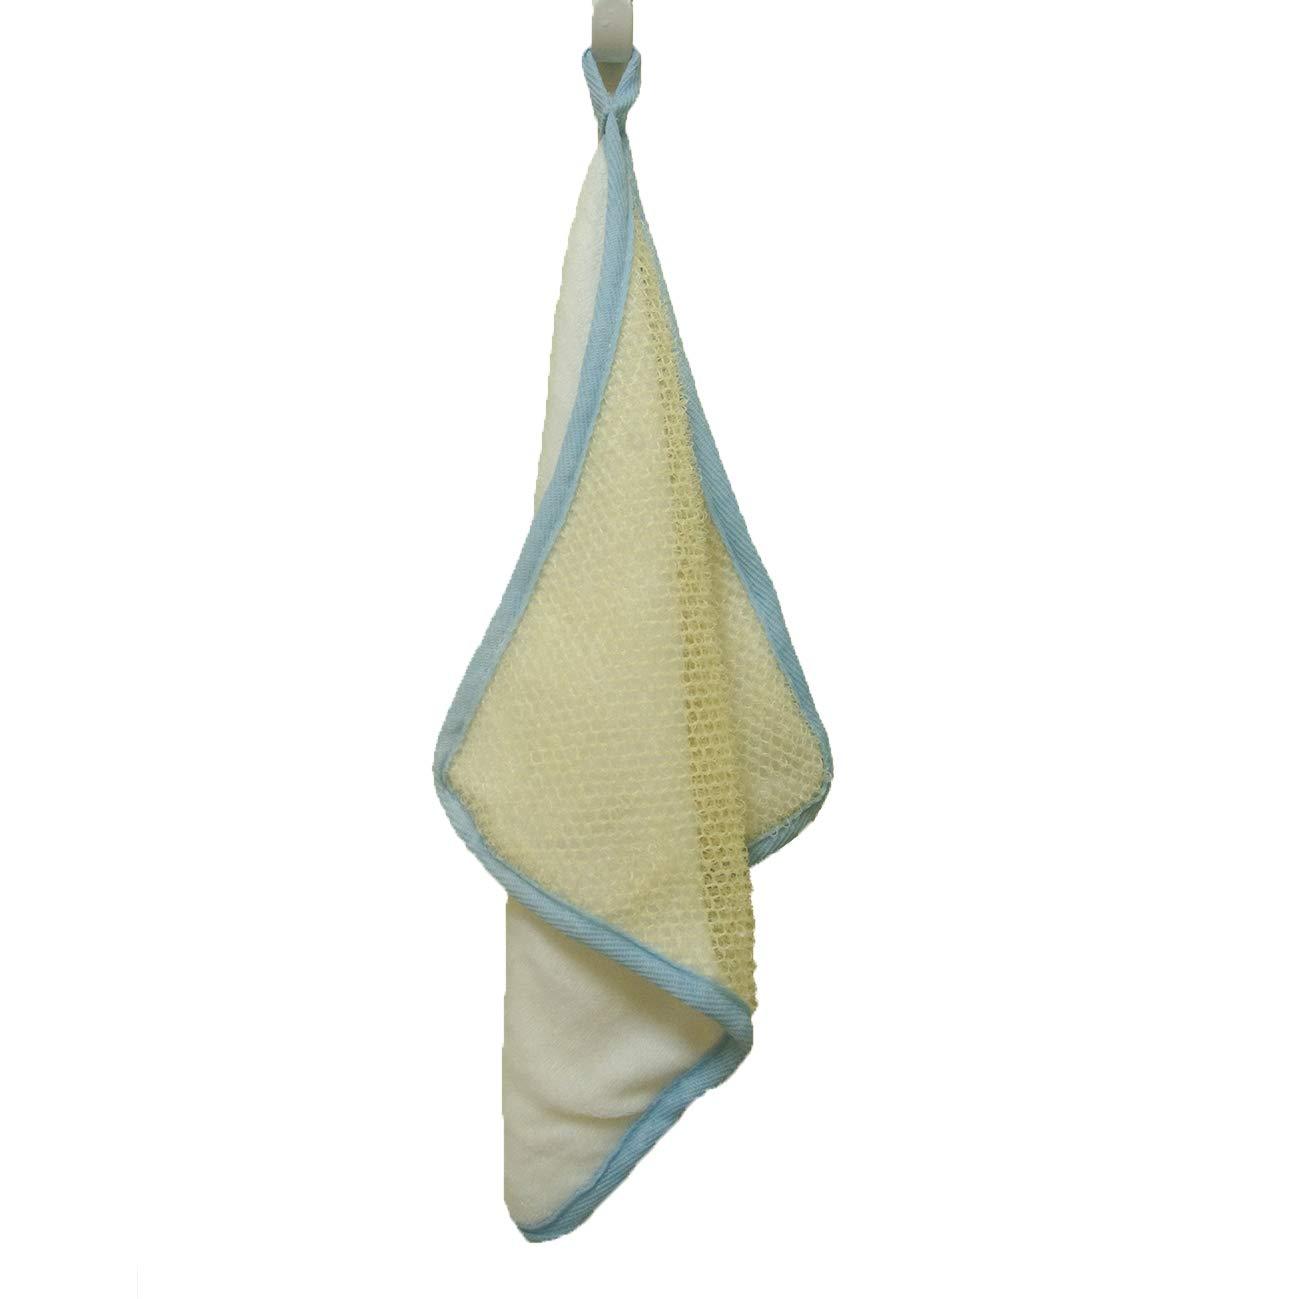 Bleu Bath Dual-Sided Exfoliating Body Cloth